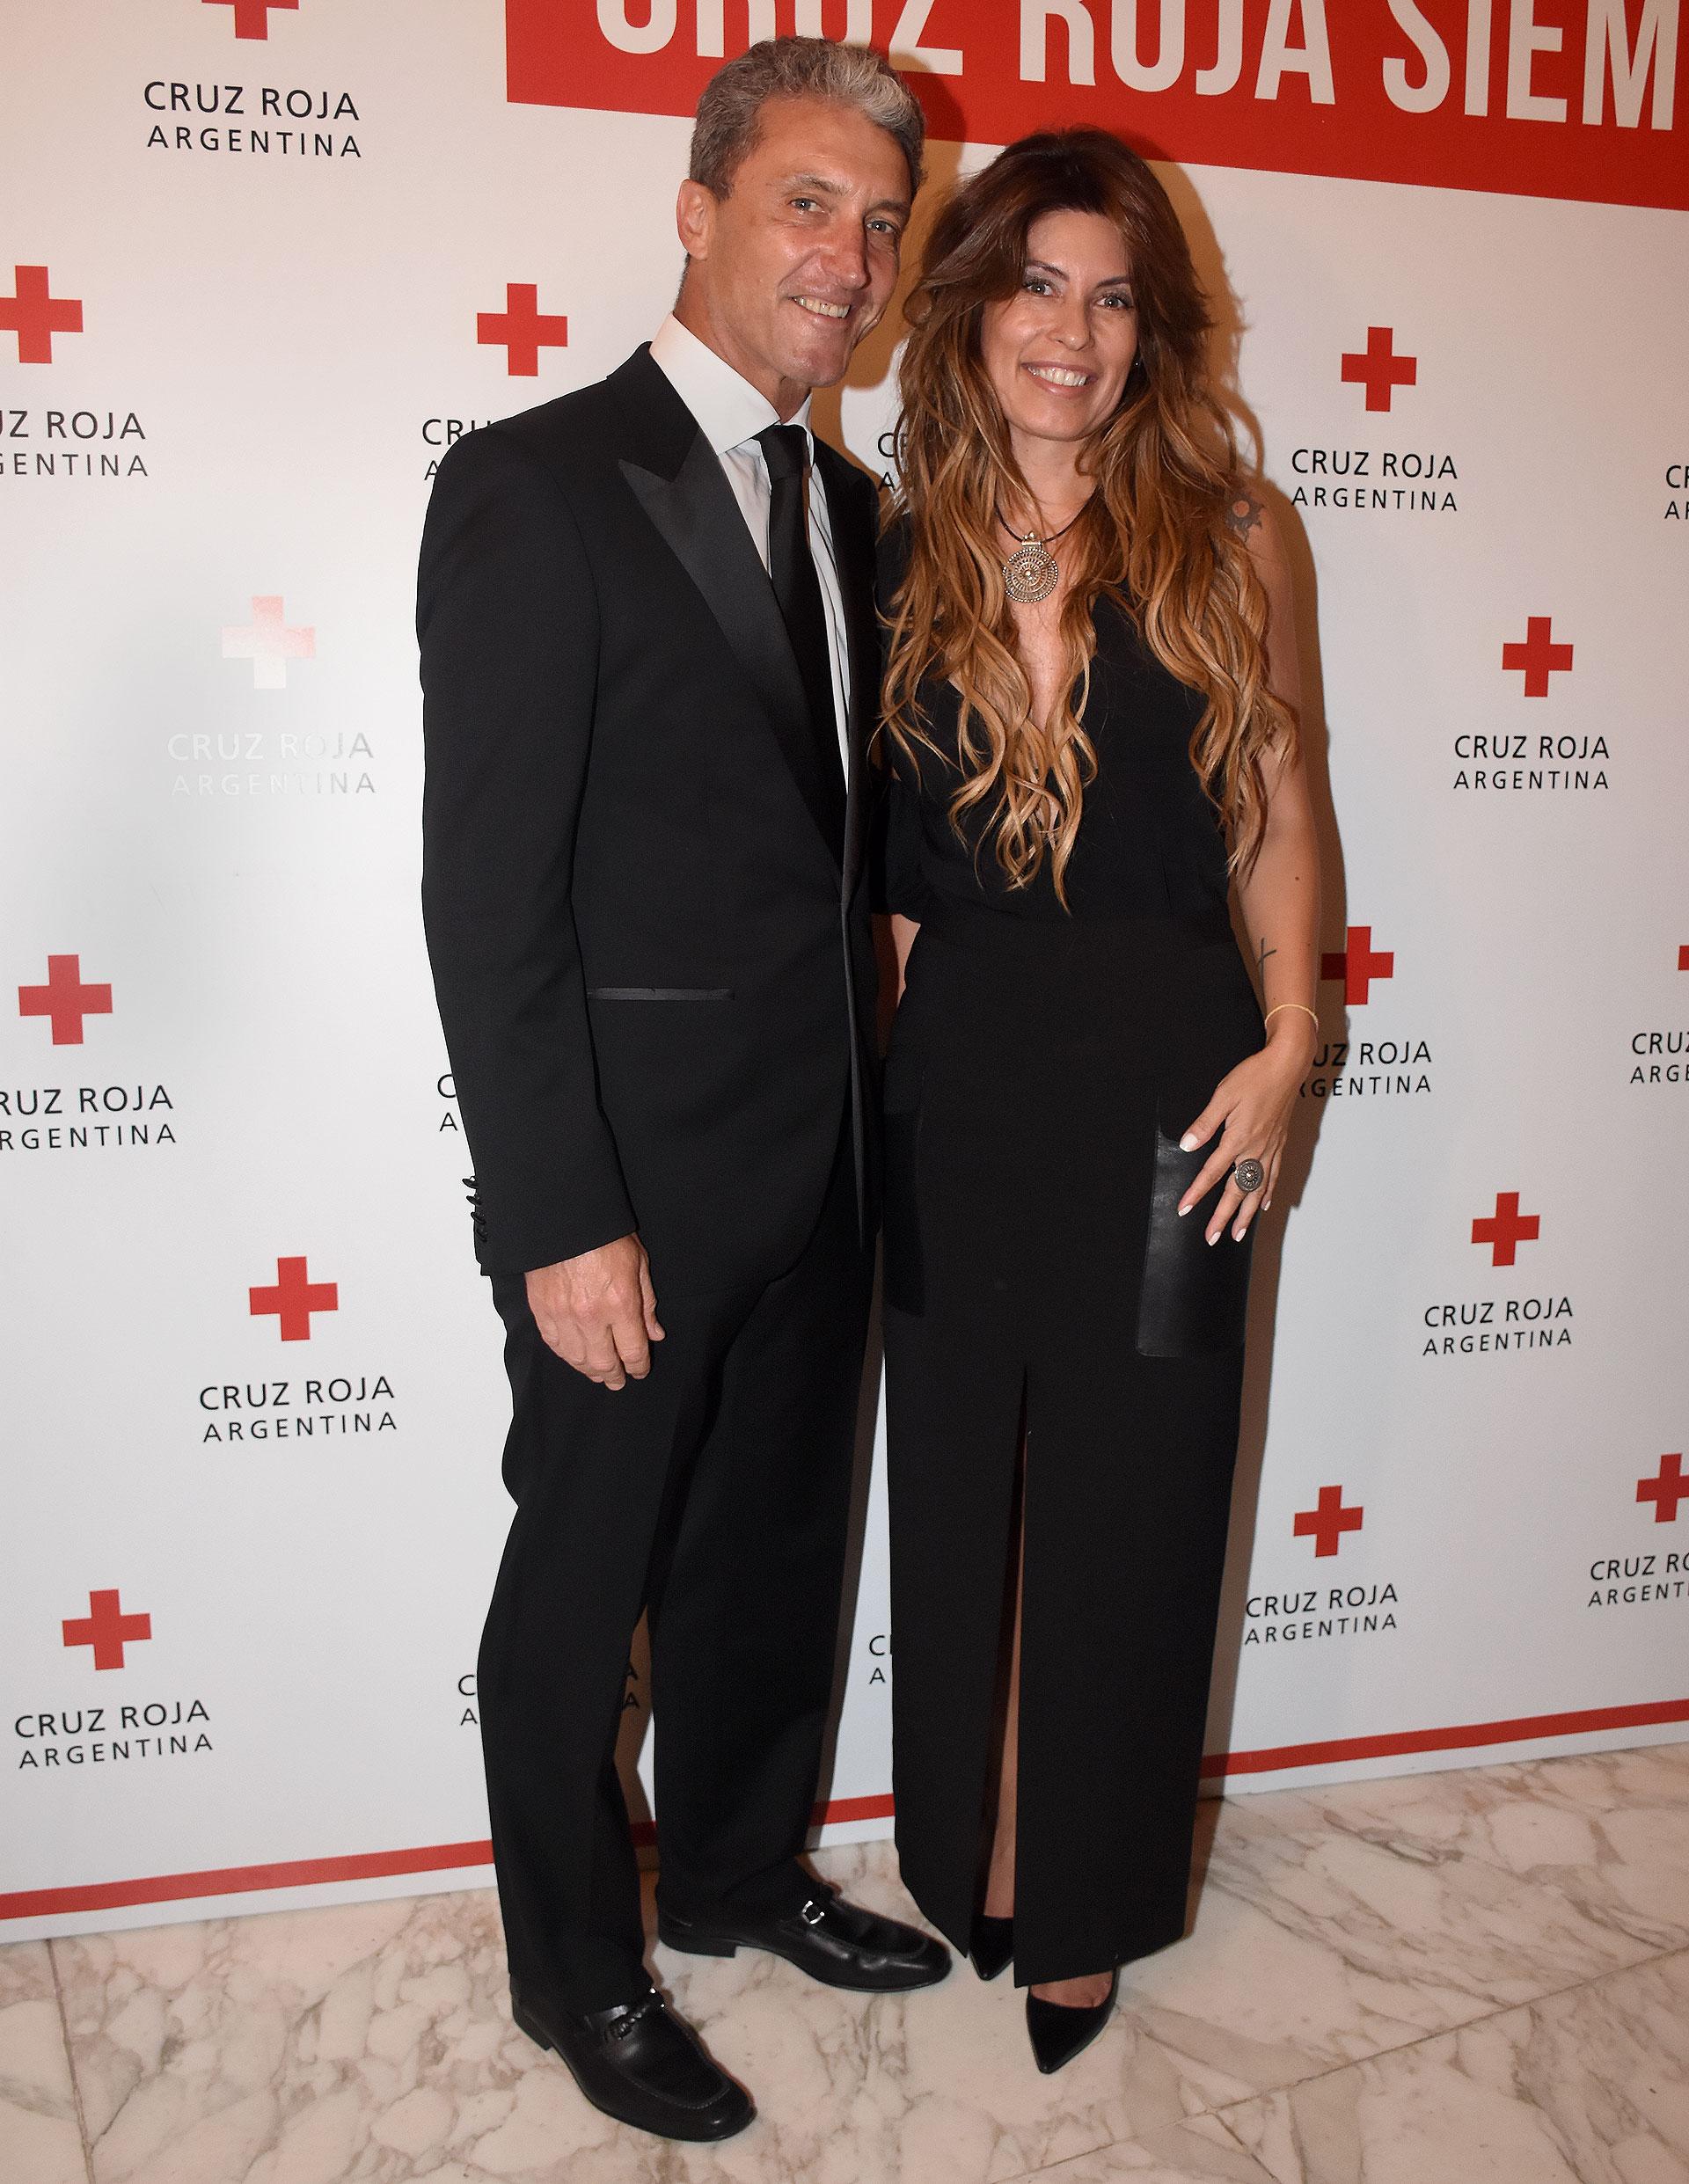 """José """"Pepe"""" Scioli junto a su mujer, María Pinto. Cruz Roja Argentina es la asociación civil, humanitaria y de carácter voluntario de mayor cobertura territorial del país"""